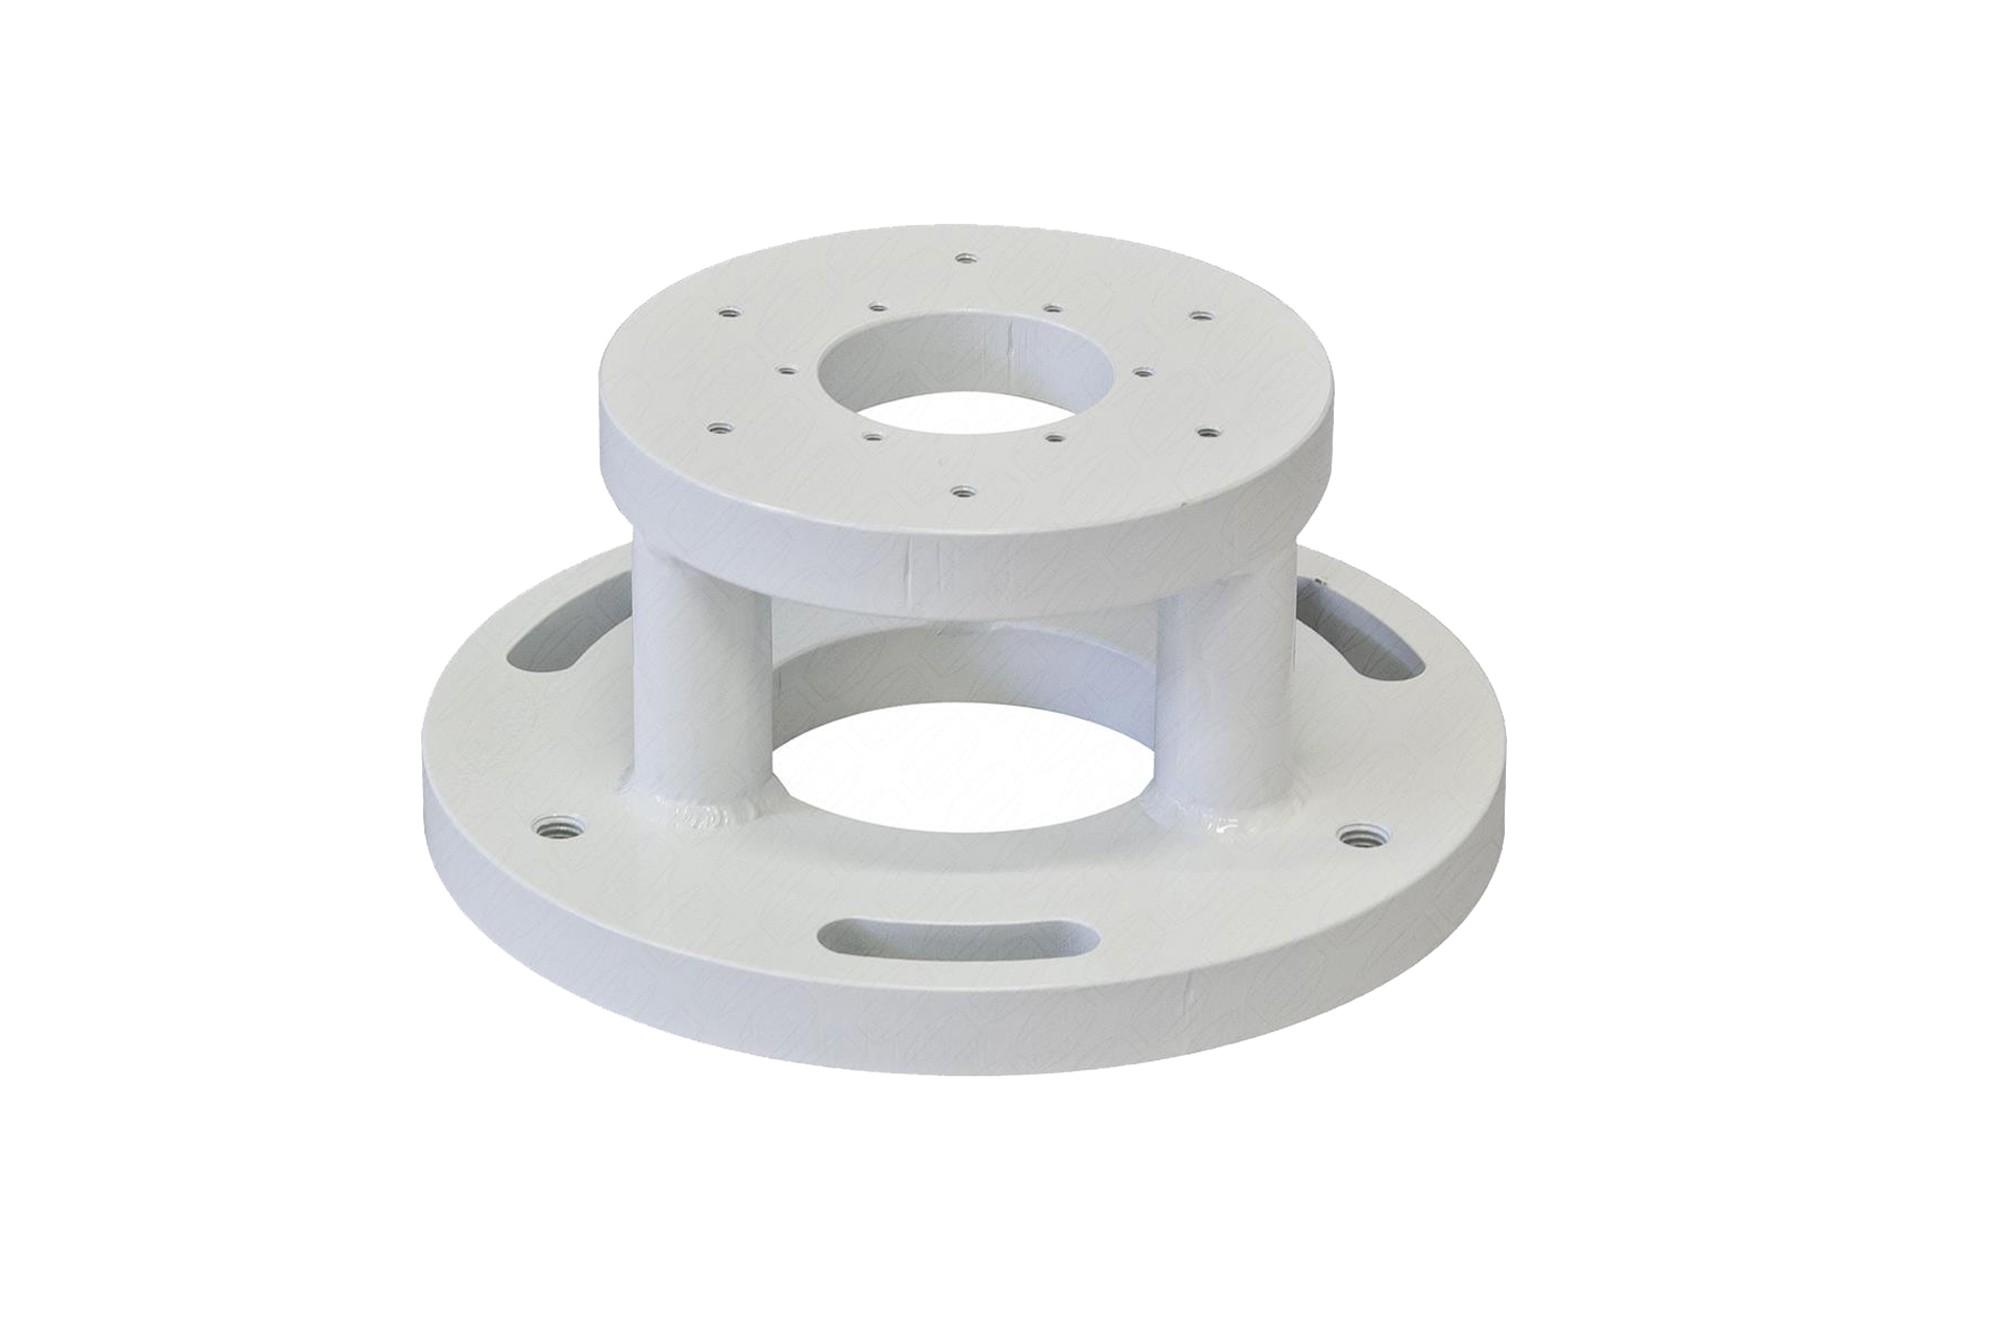 Baader Medium Pillar (BMP) Nivellierflansch für GM 1000 Montierung